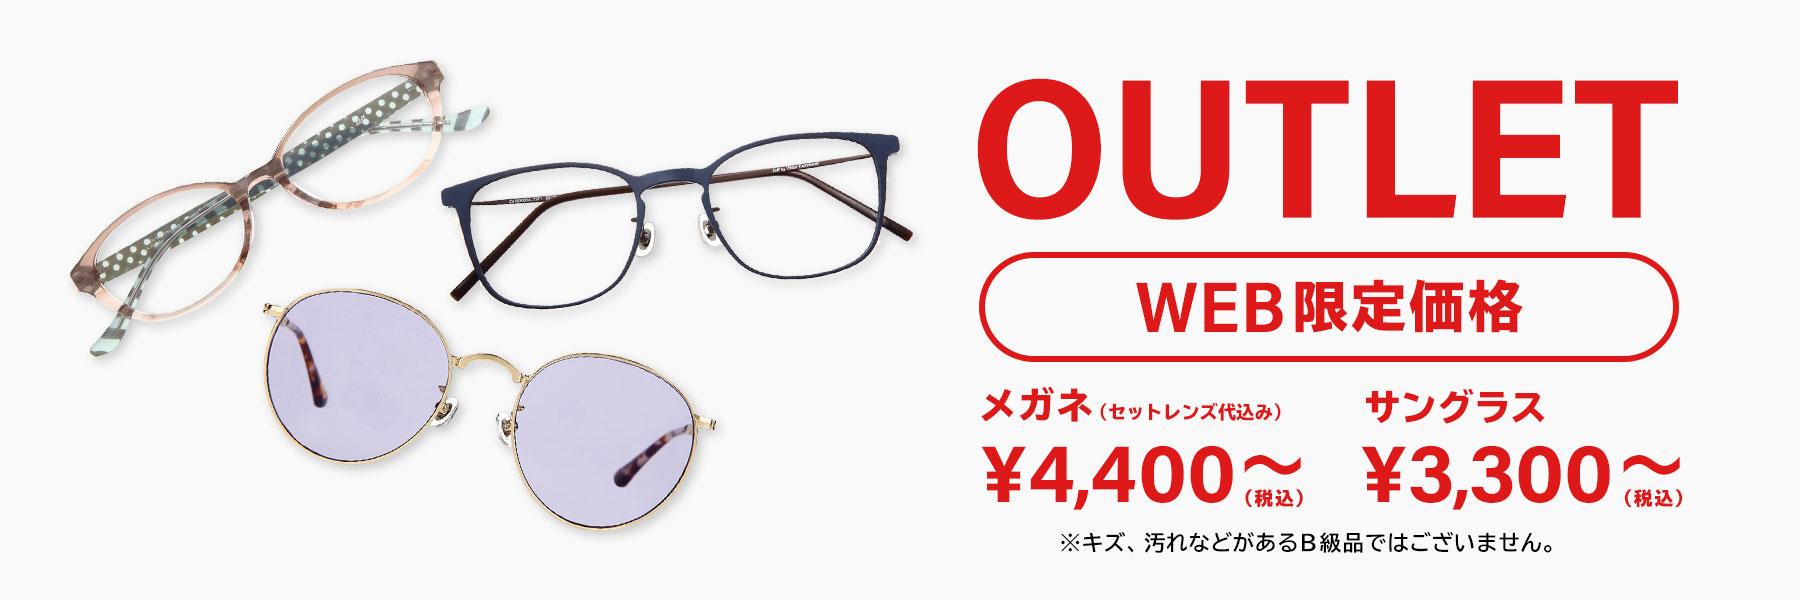 OUTLET WEB限定価格 メガネ サングラス ¥4,290~(税込) ※キズ、汚れなどがあるB級品ではございません。